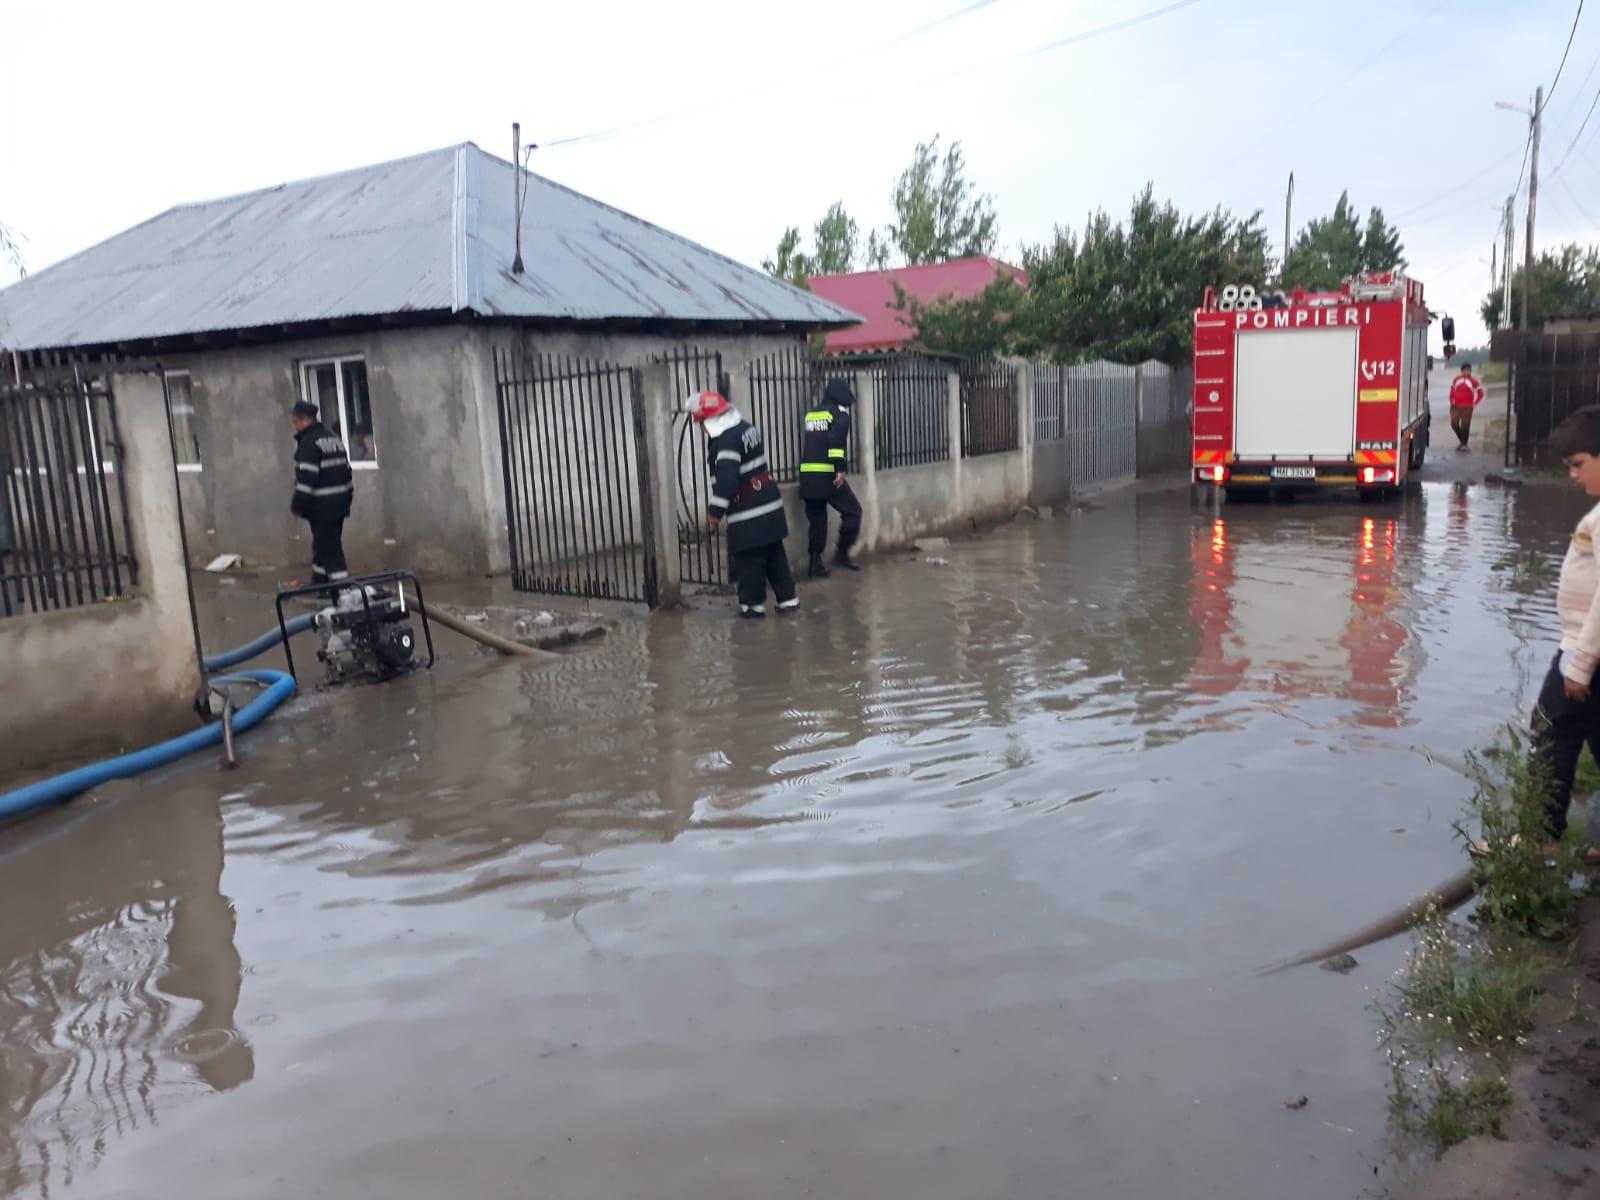 Şapte curţii inundate, în Zimnicea, şi 4.000 de locuinţe fără curent electric, în urma precipitaţiilor căzute în ultimele ore